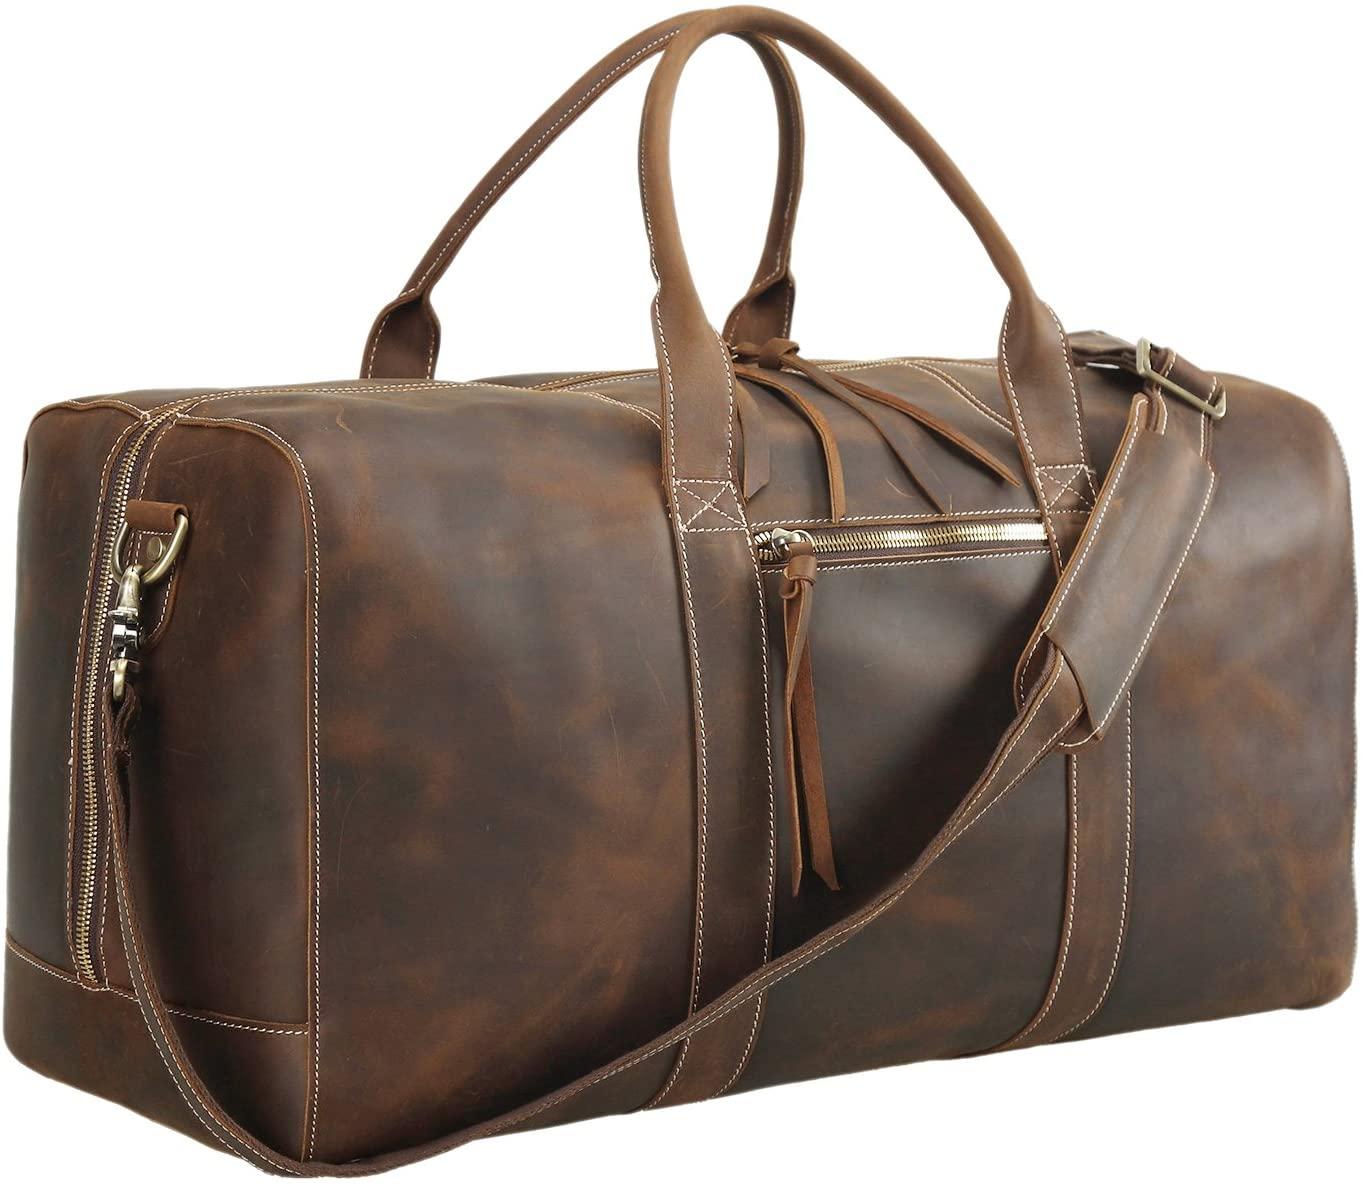 Polare 23.2'' Full Grain Leather Duffel Bag Overnight Travel Duffle Weekender Bag For Men